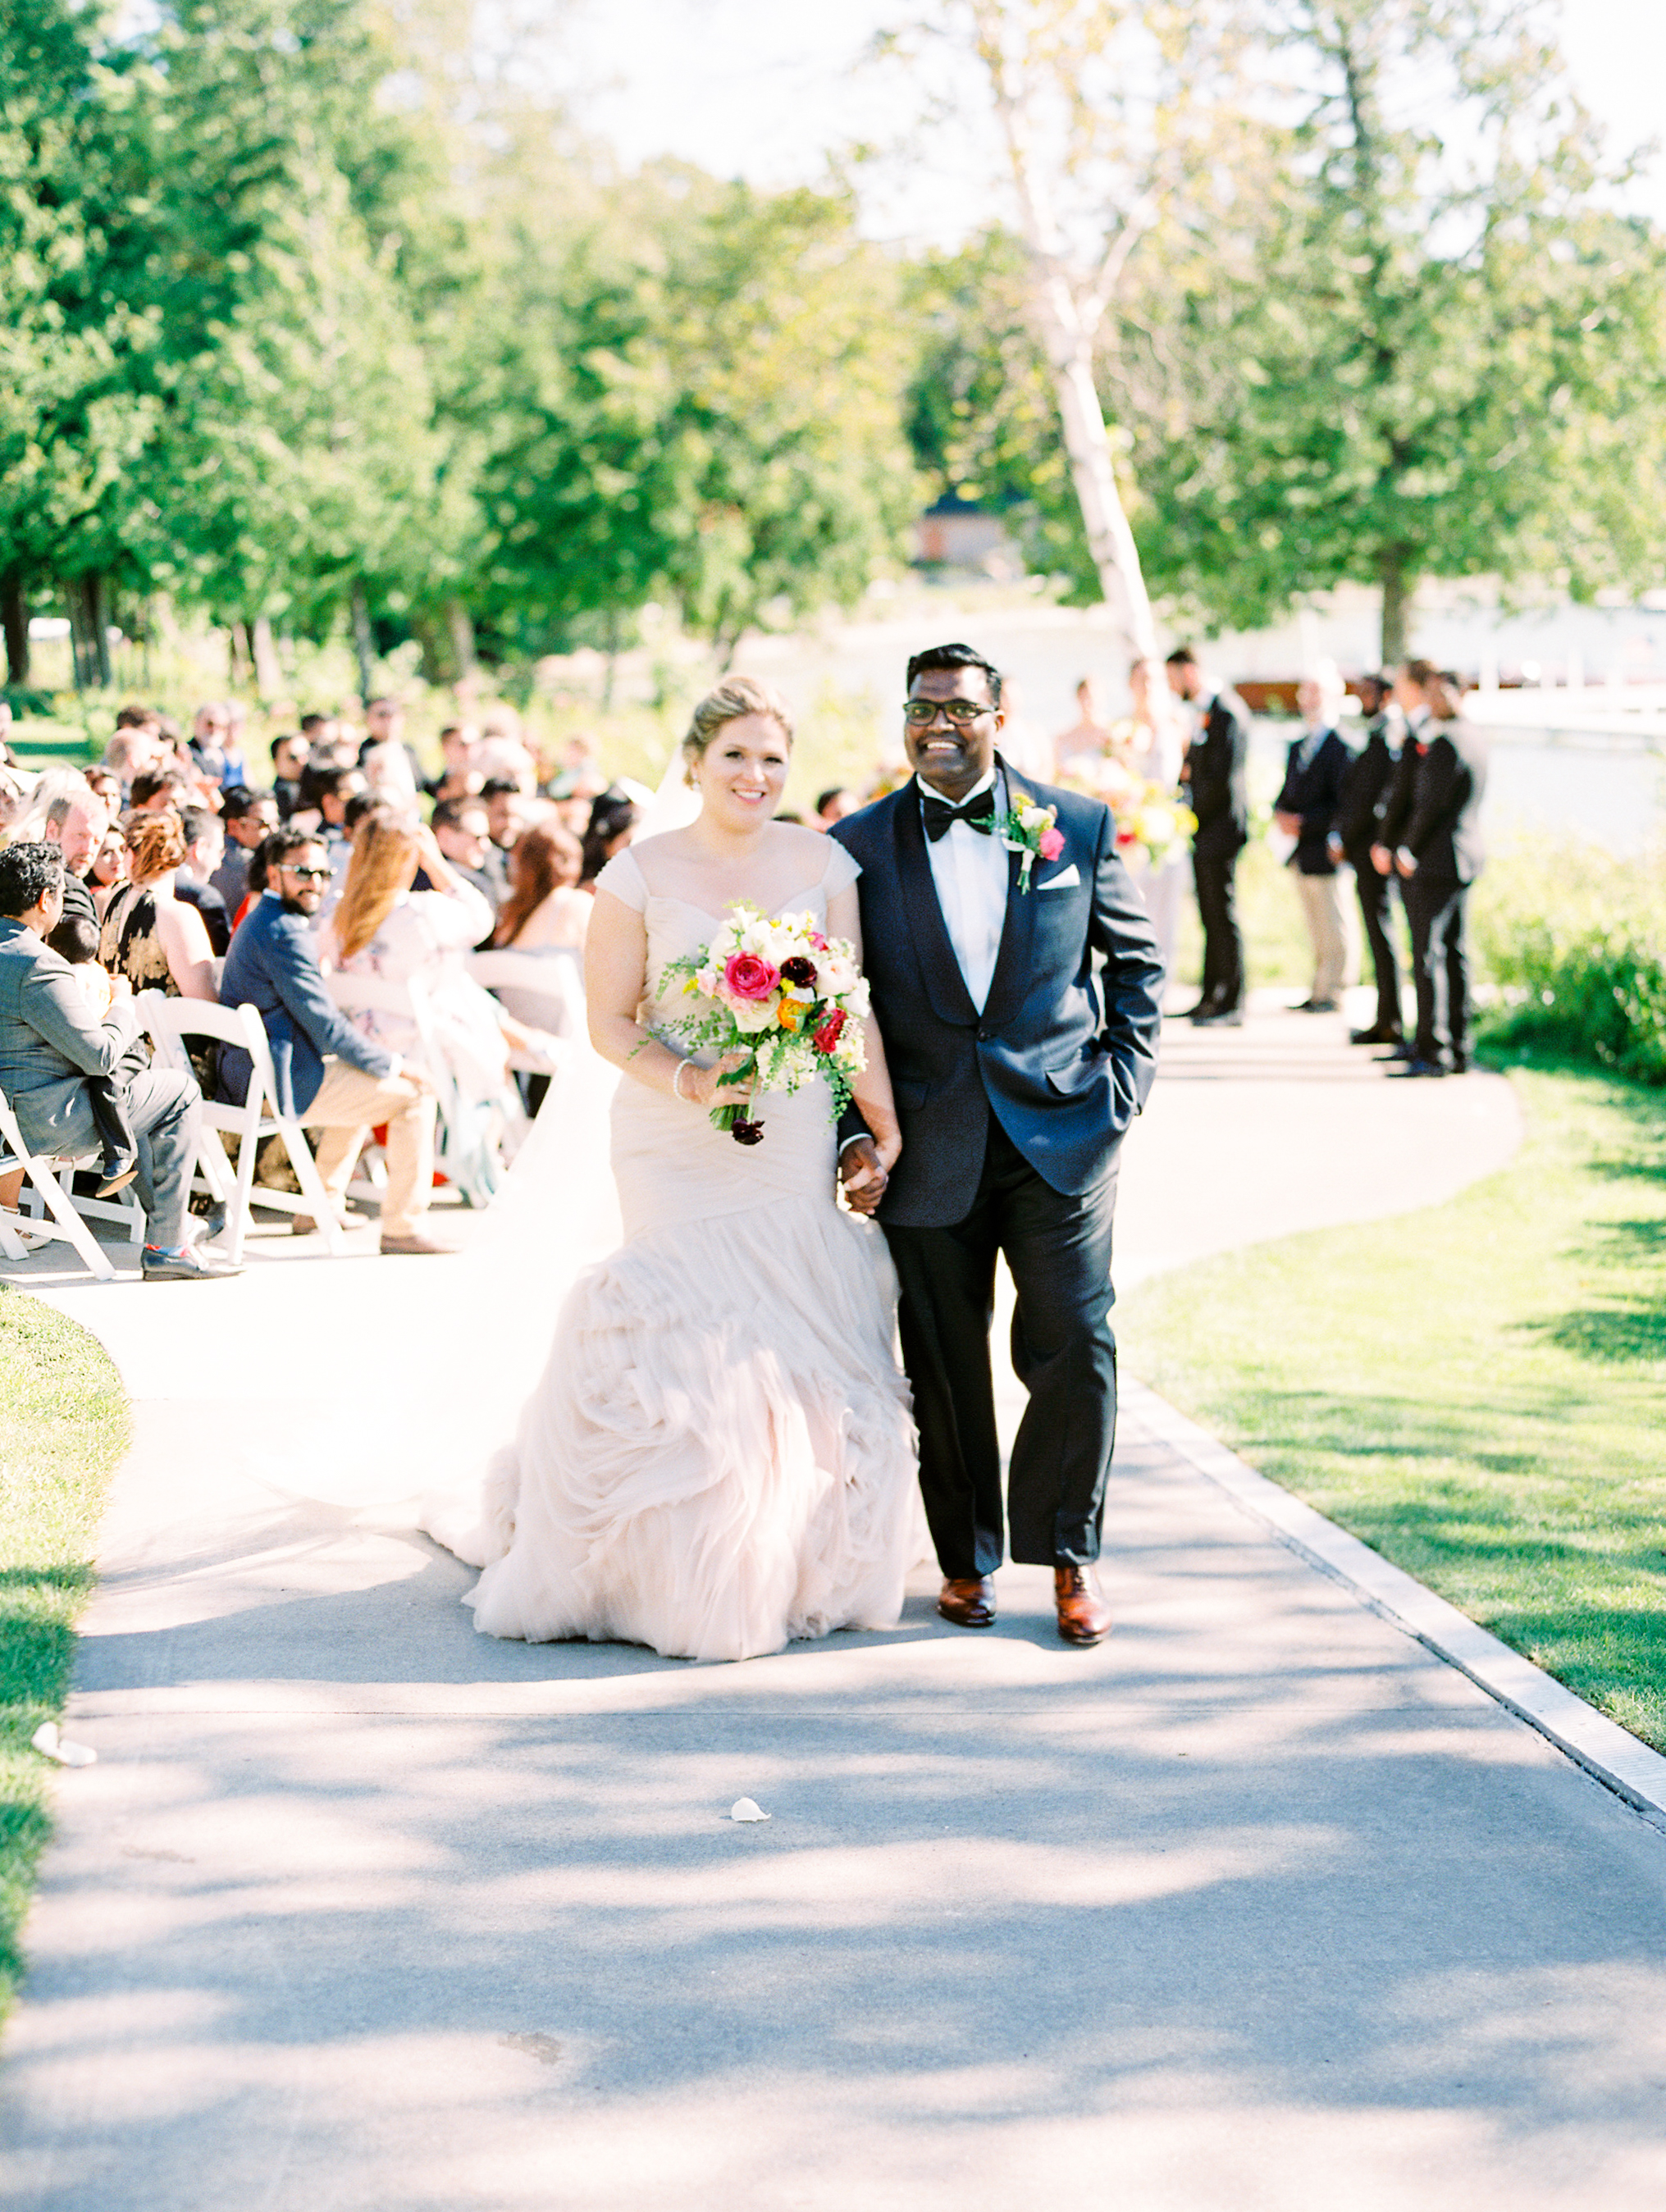 Govathoti+Wedding+Ceremony-192.jpg